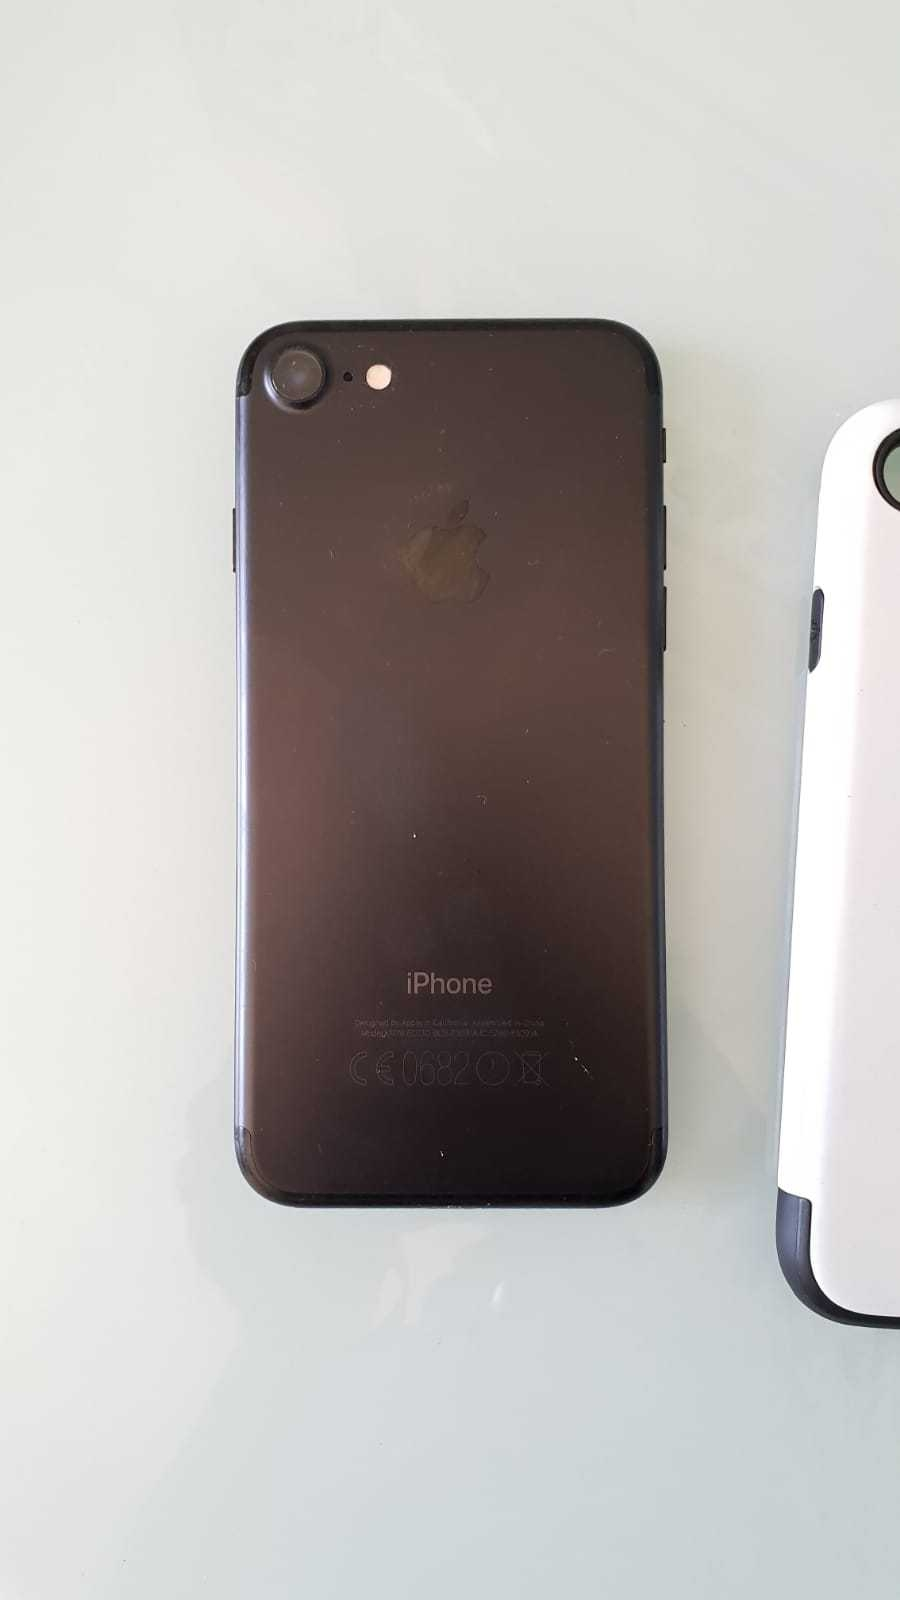 סלולרי מכשיר סלולרי אפל Apple אייפון 7 בבית-שמש והסביבה